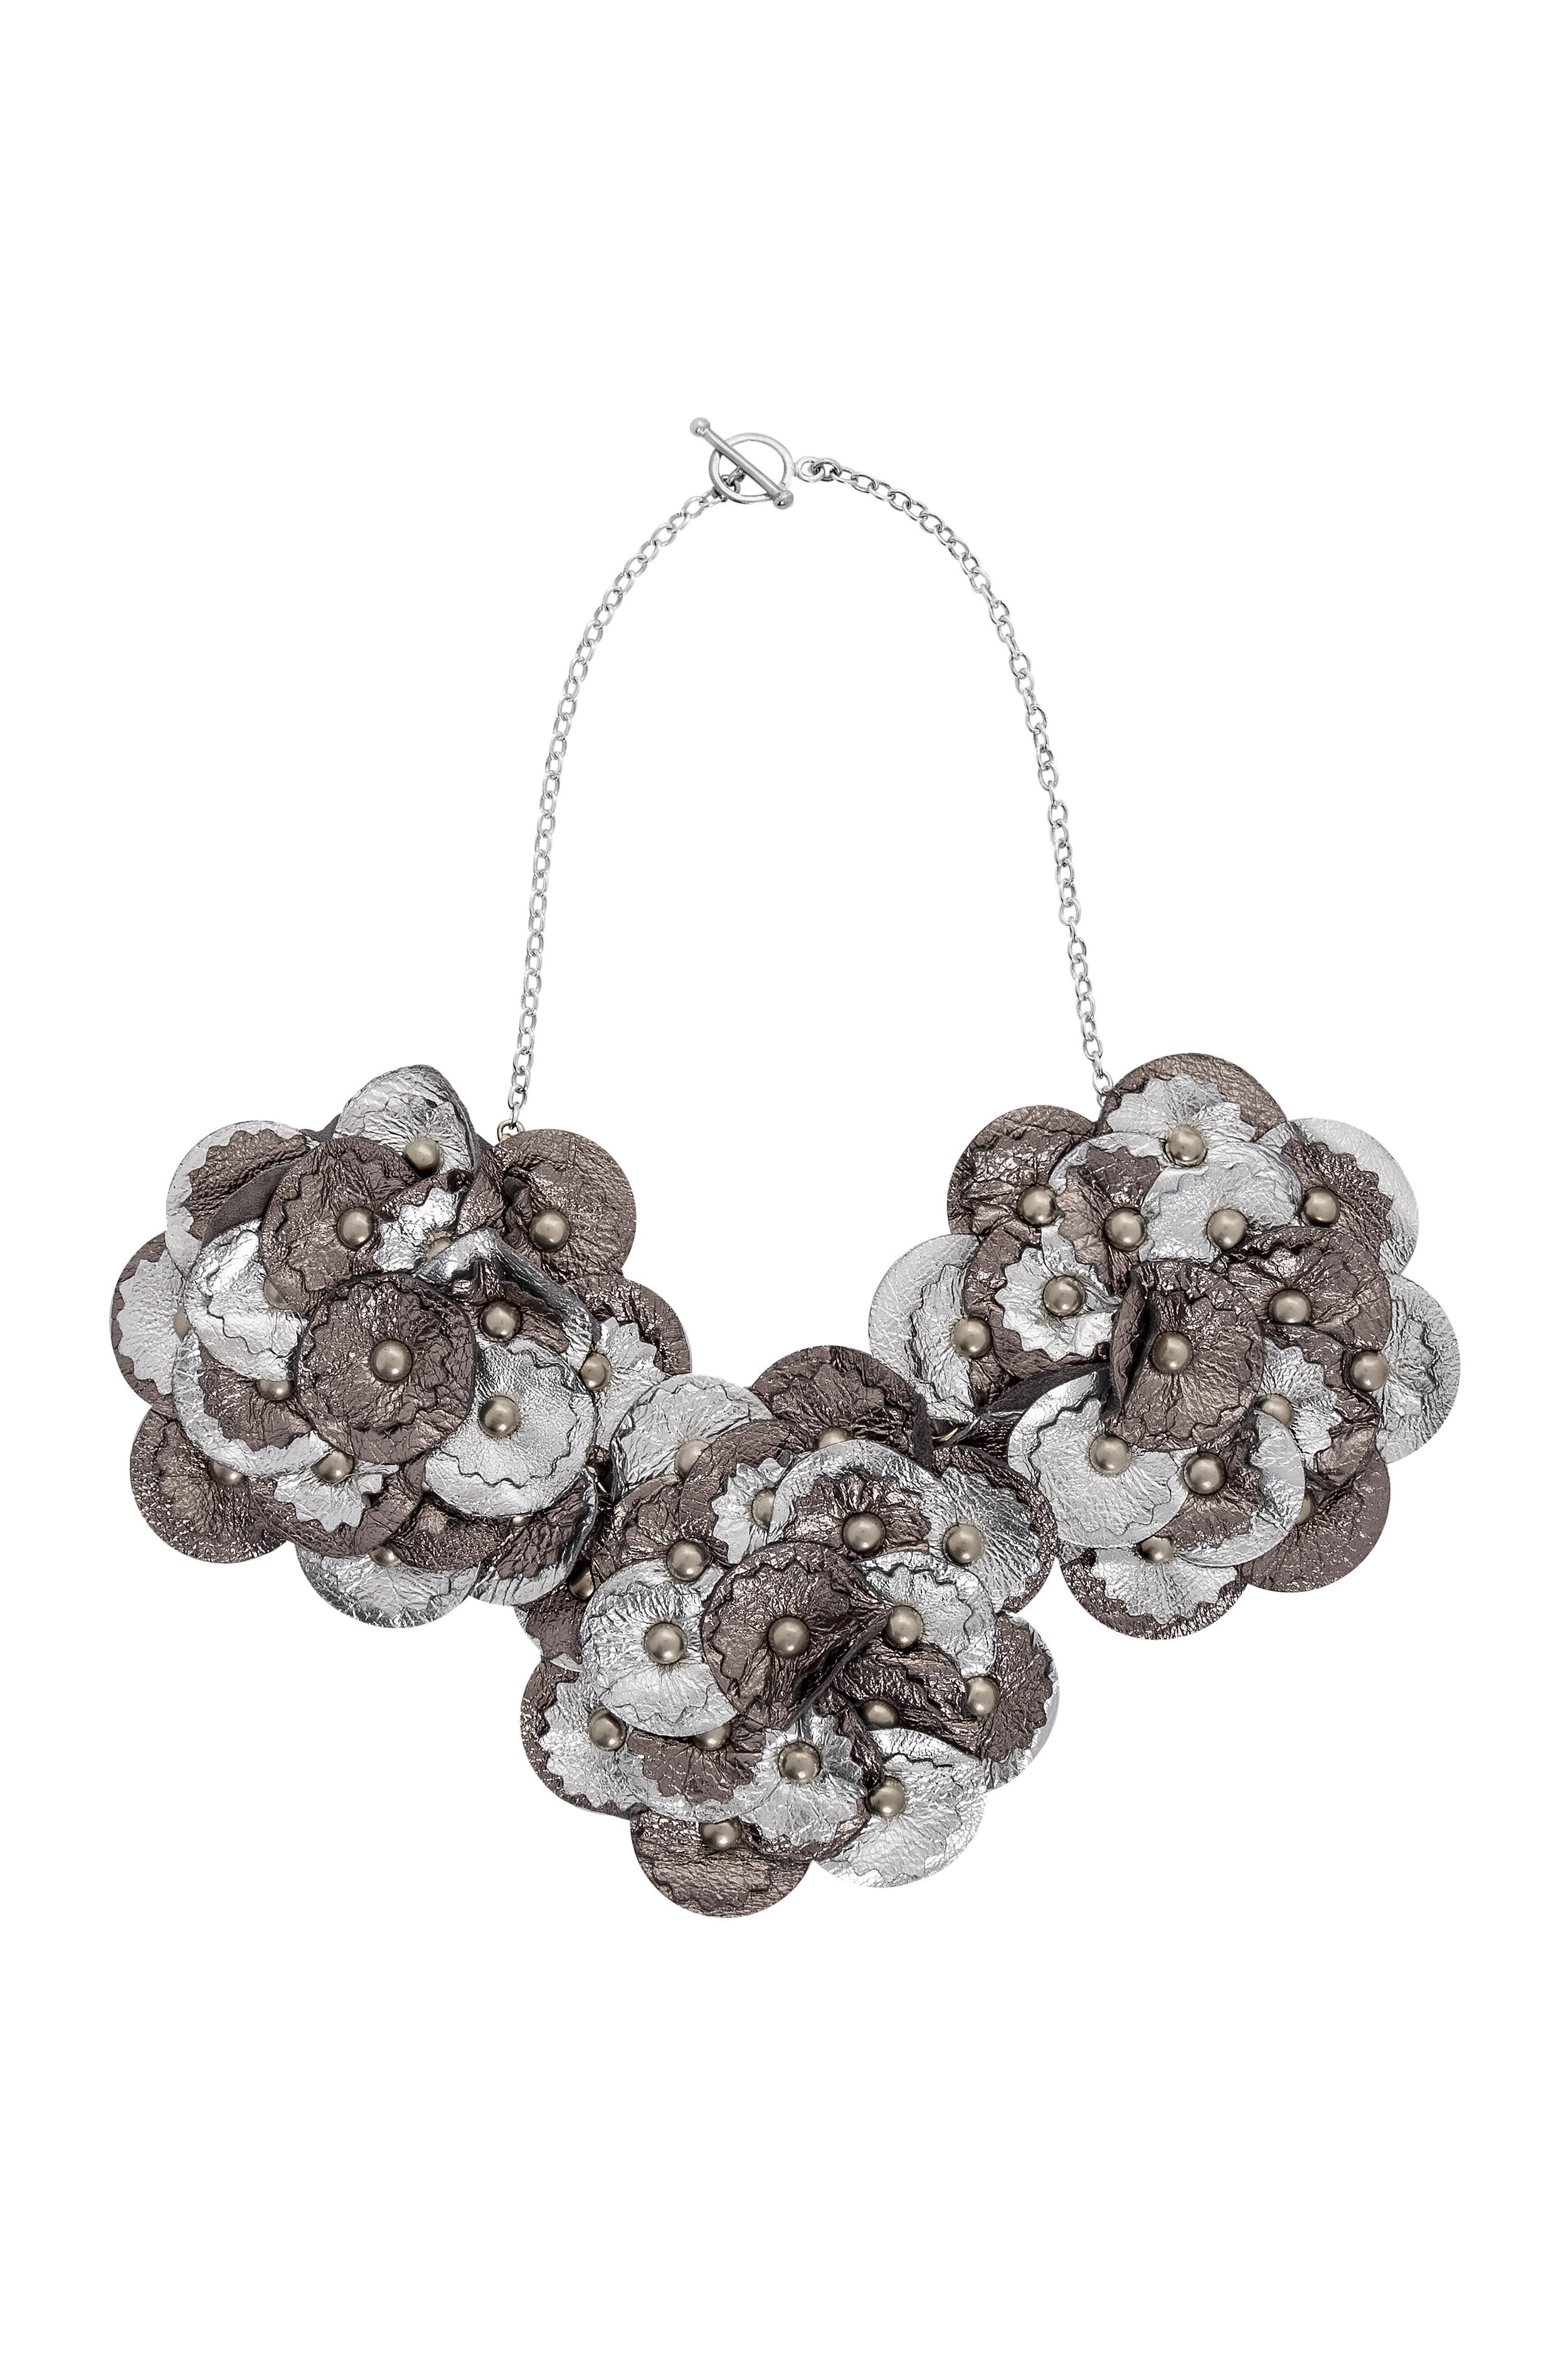 Sian Metallic Necklace /// Silver